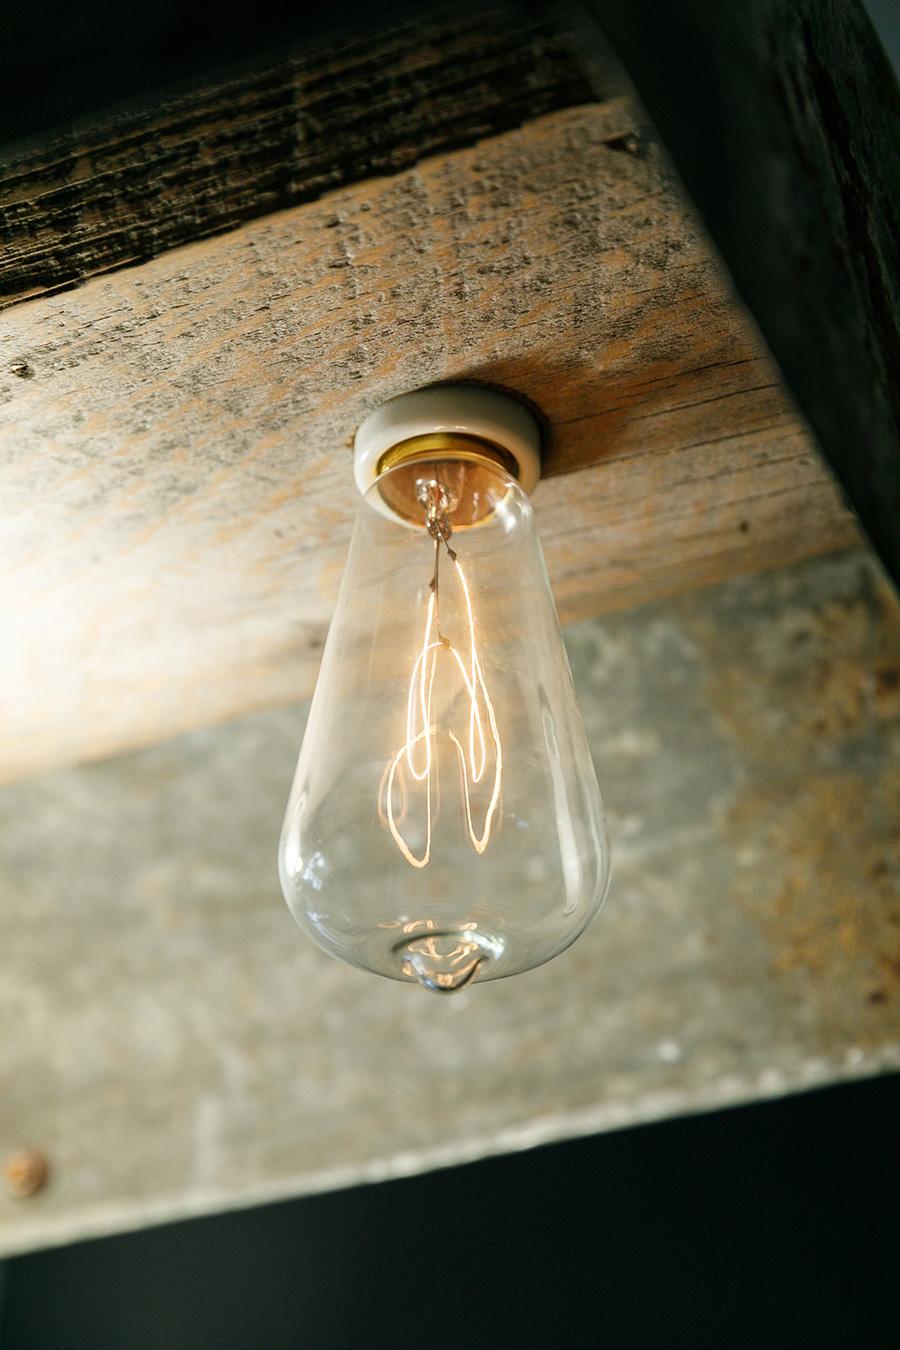 あえてフィラメントを見せるタイプのエジソンランプが人気。ガラスやフィラメントのカタチ、光り方も様々なのでお気に入りを探したい。